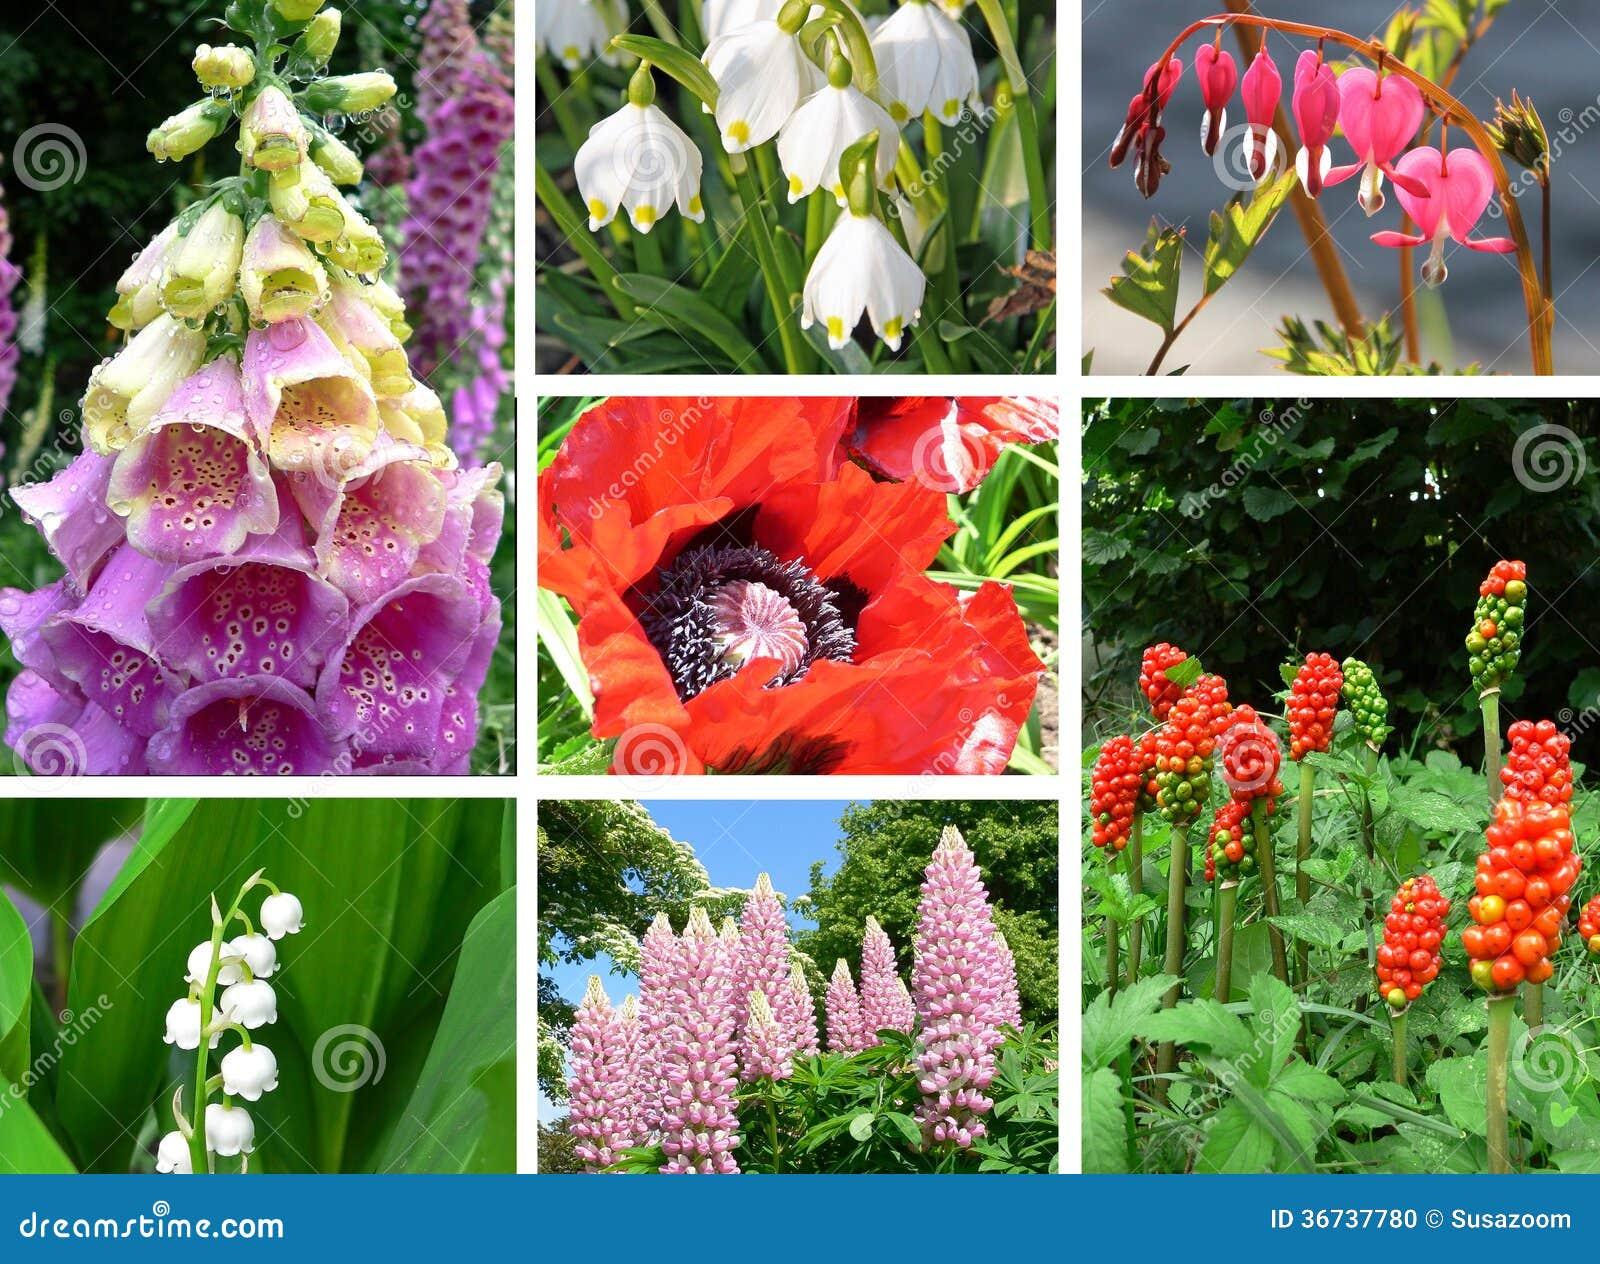 collage de plantas t xicas en el jard n foto de archivo